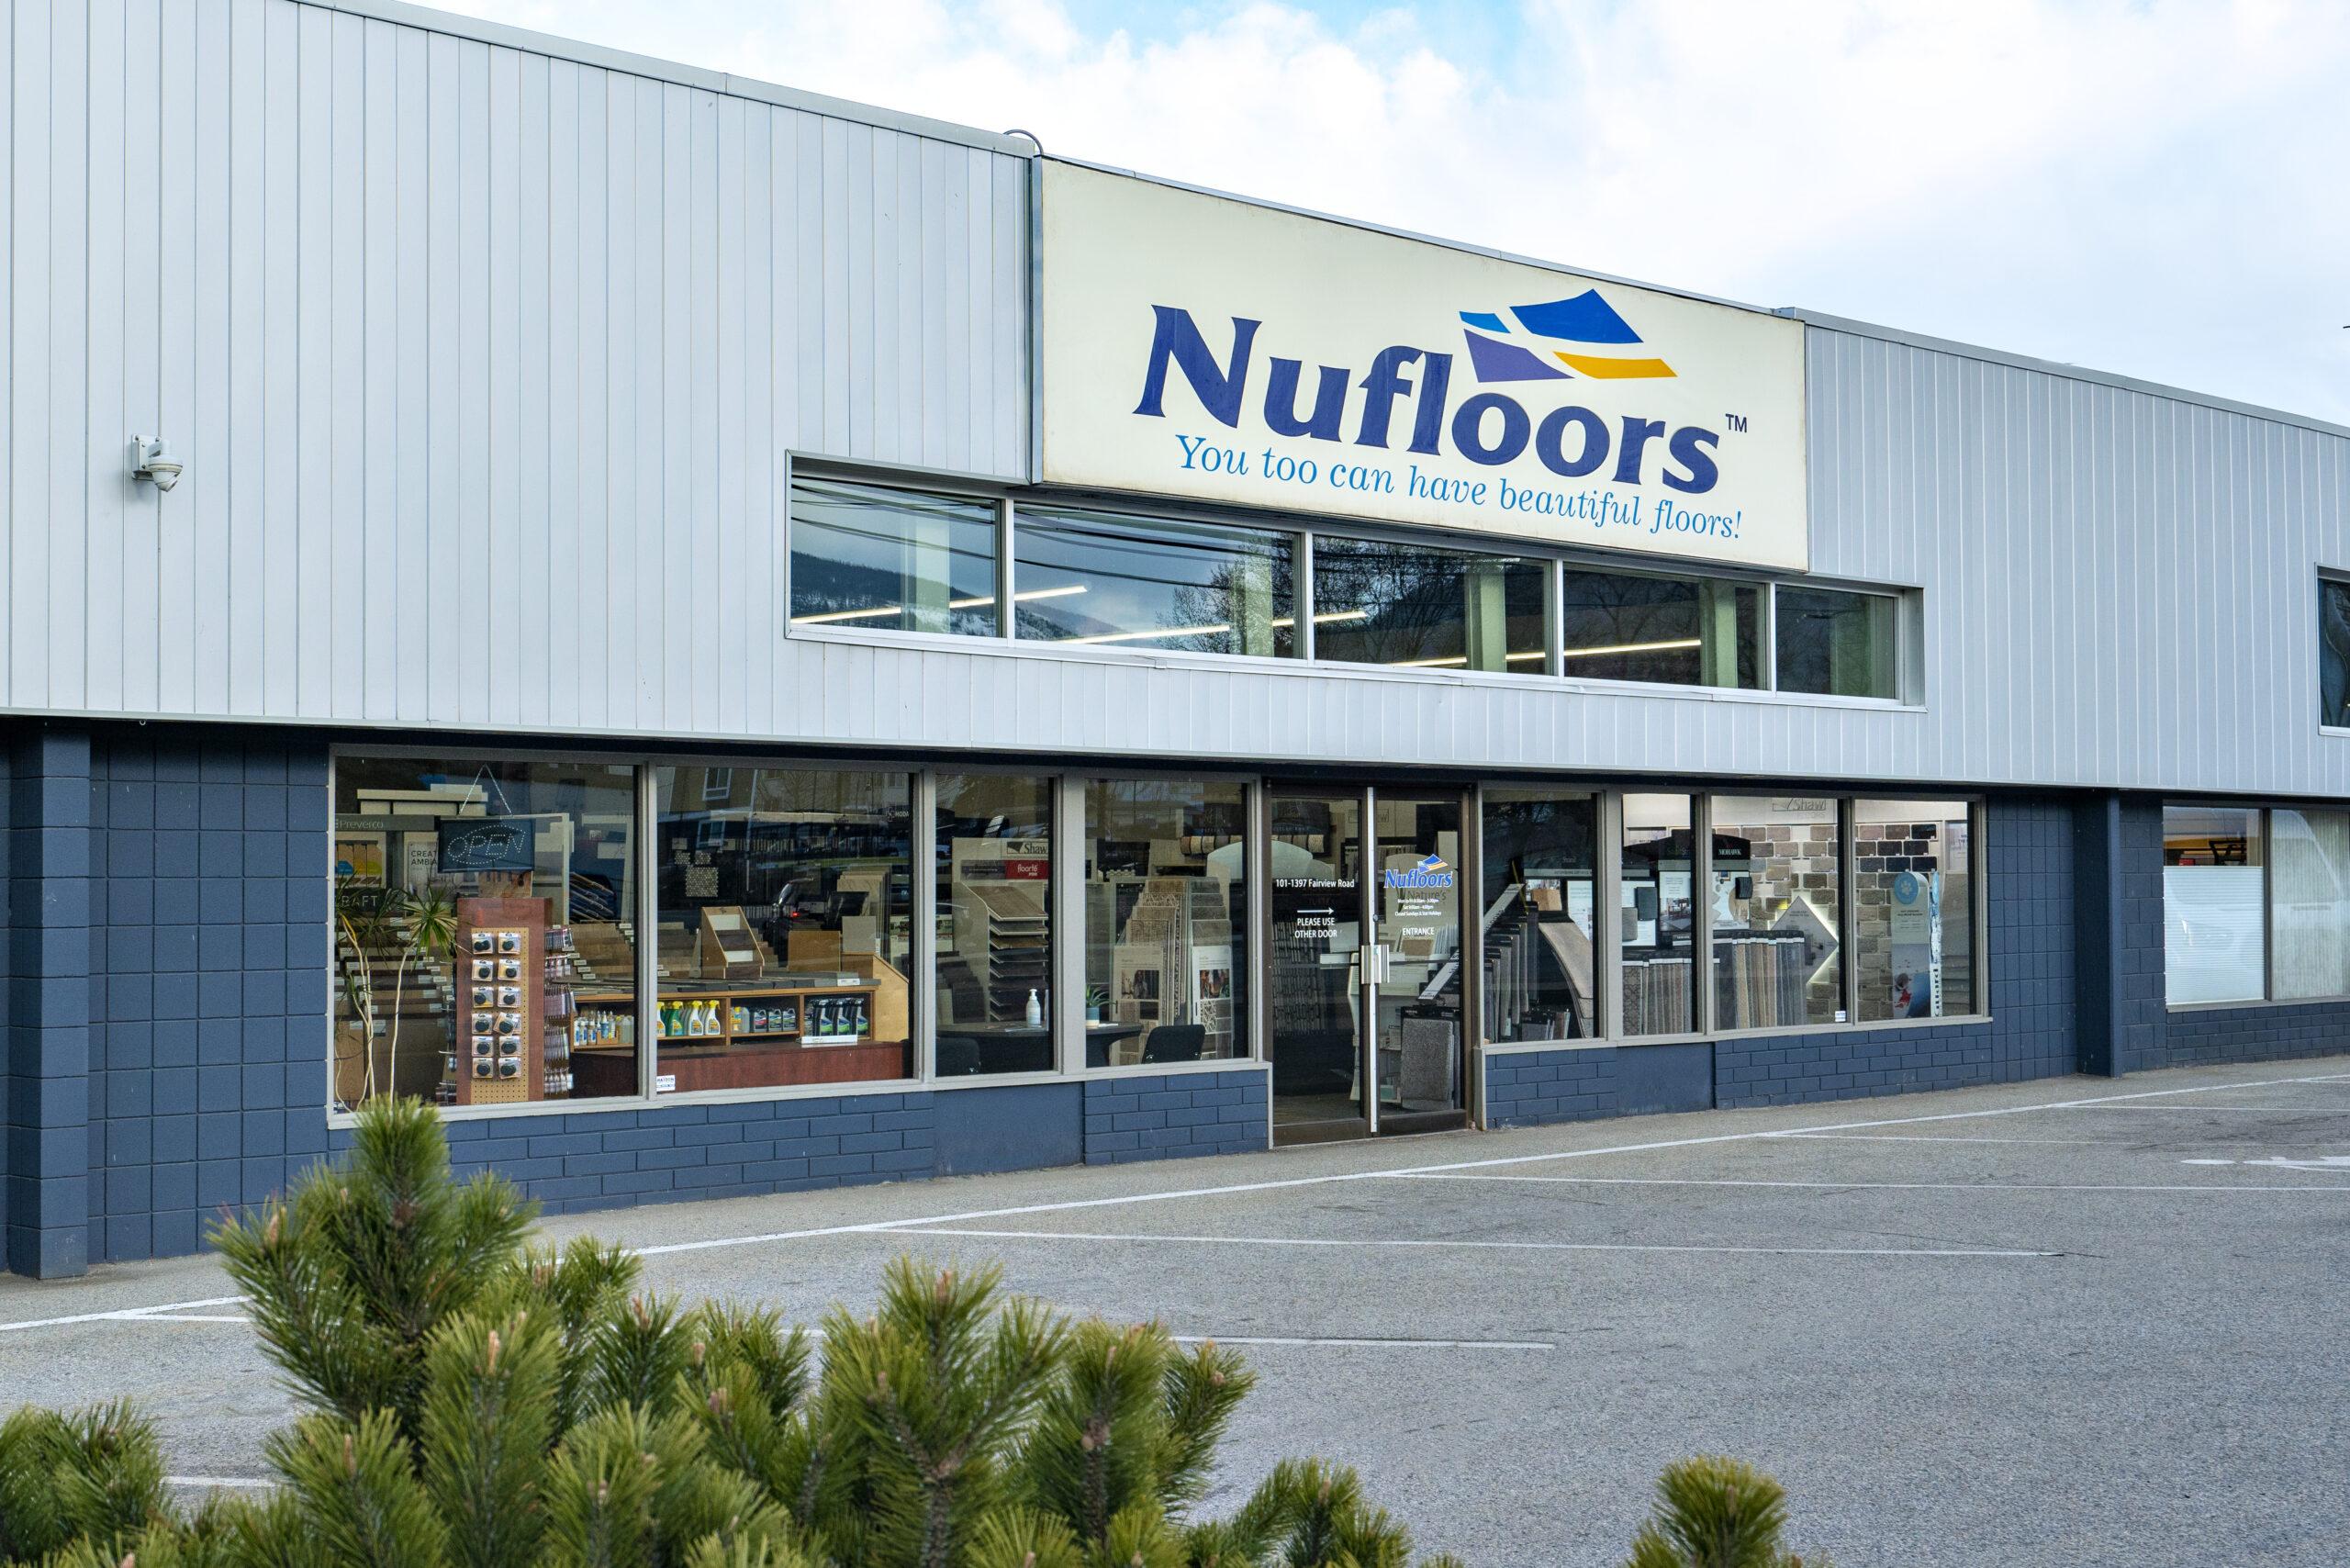 Nufloors Penticton Store Exterior